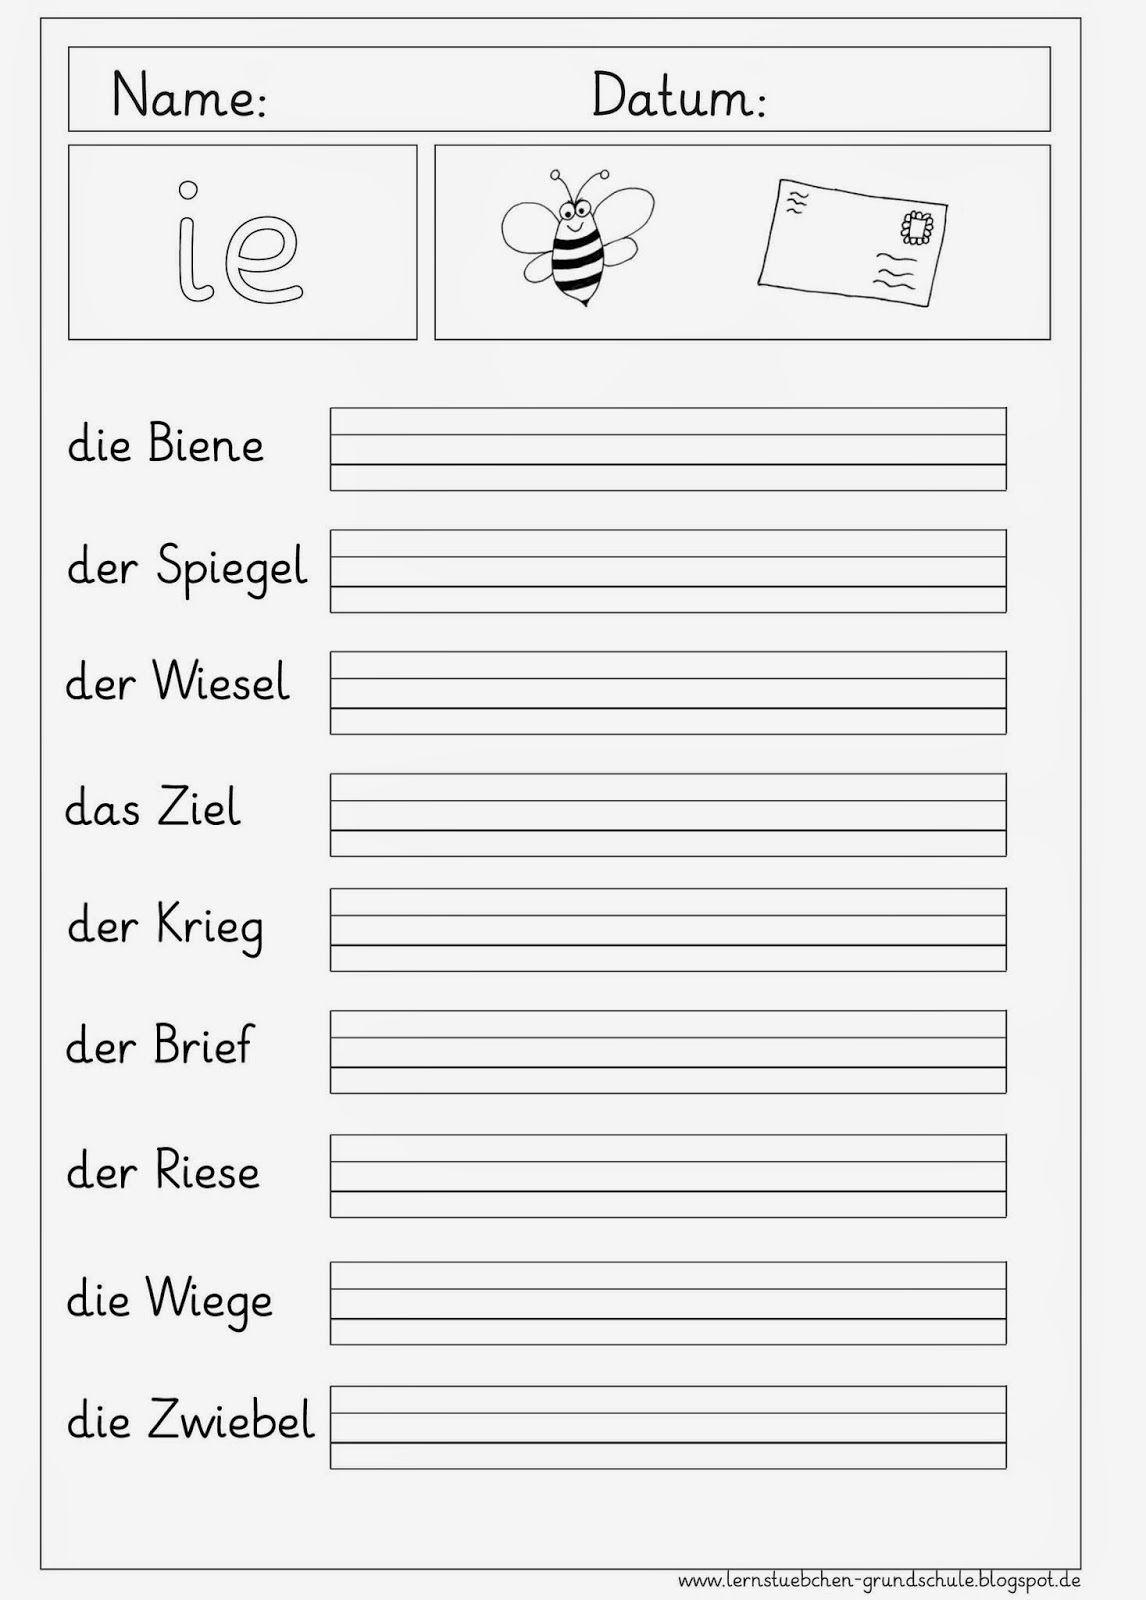 Arbeitsblätter Grundschule 1 Klasse Ausdrucken Lernstübchen mit Grundschule 1 Klasse Deutsch Übungsblätter